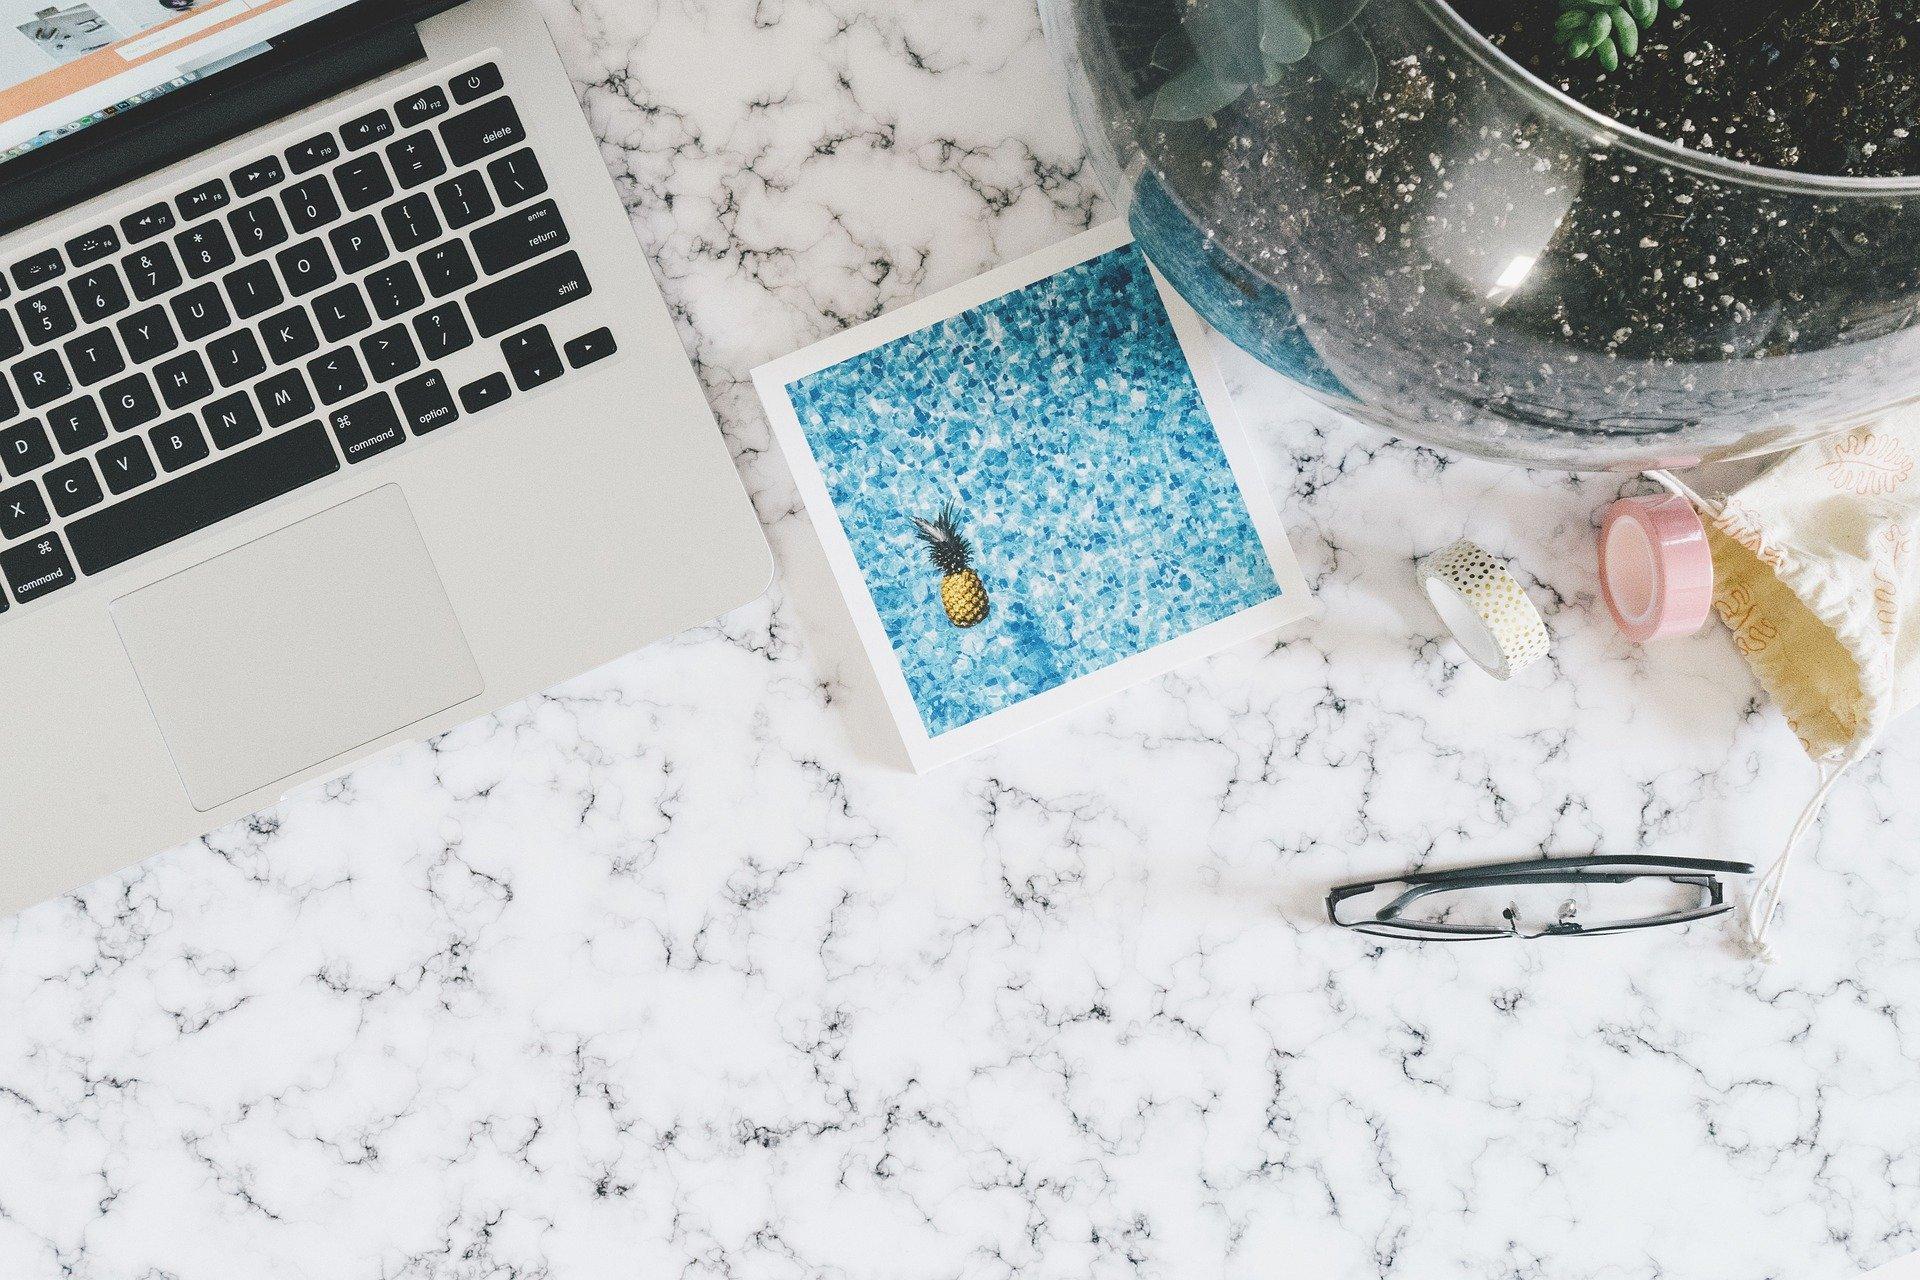 Hvad kan jeg bruge til rengøring af mine marmorflader?